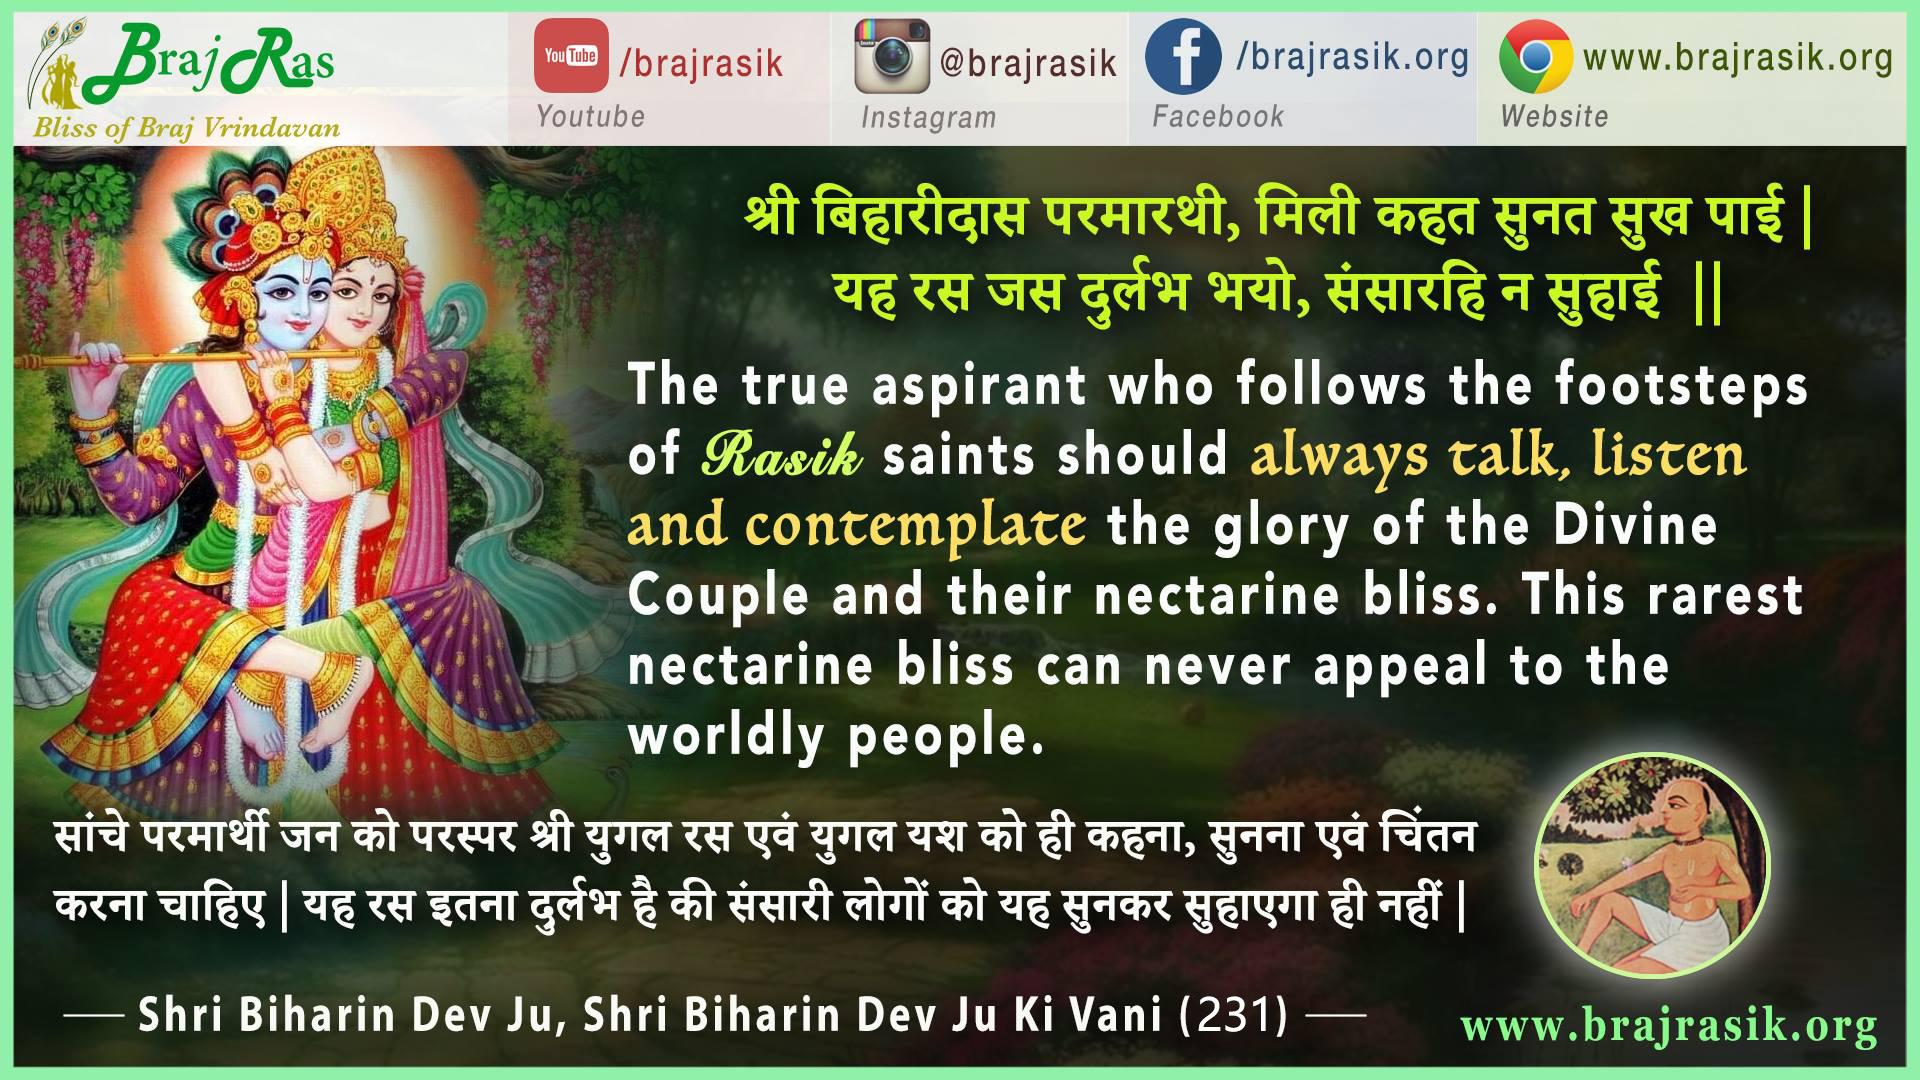 Shri Biharidas Parmarthi - Shri Biharin Dev Ju, Shri Biharin Dev Ju Ki Vani